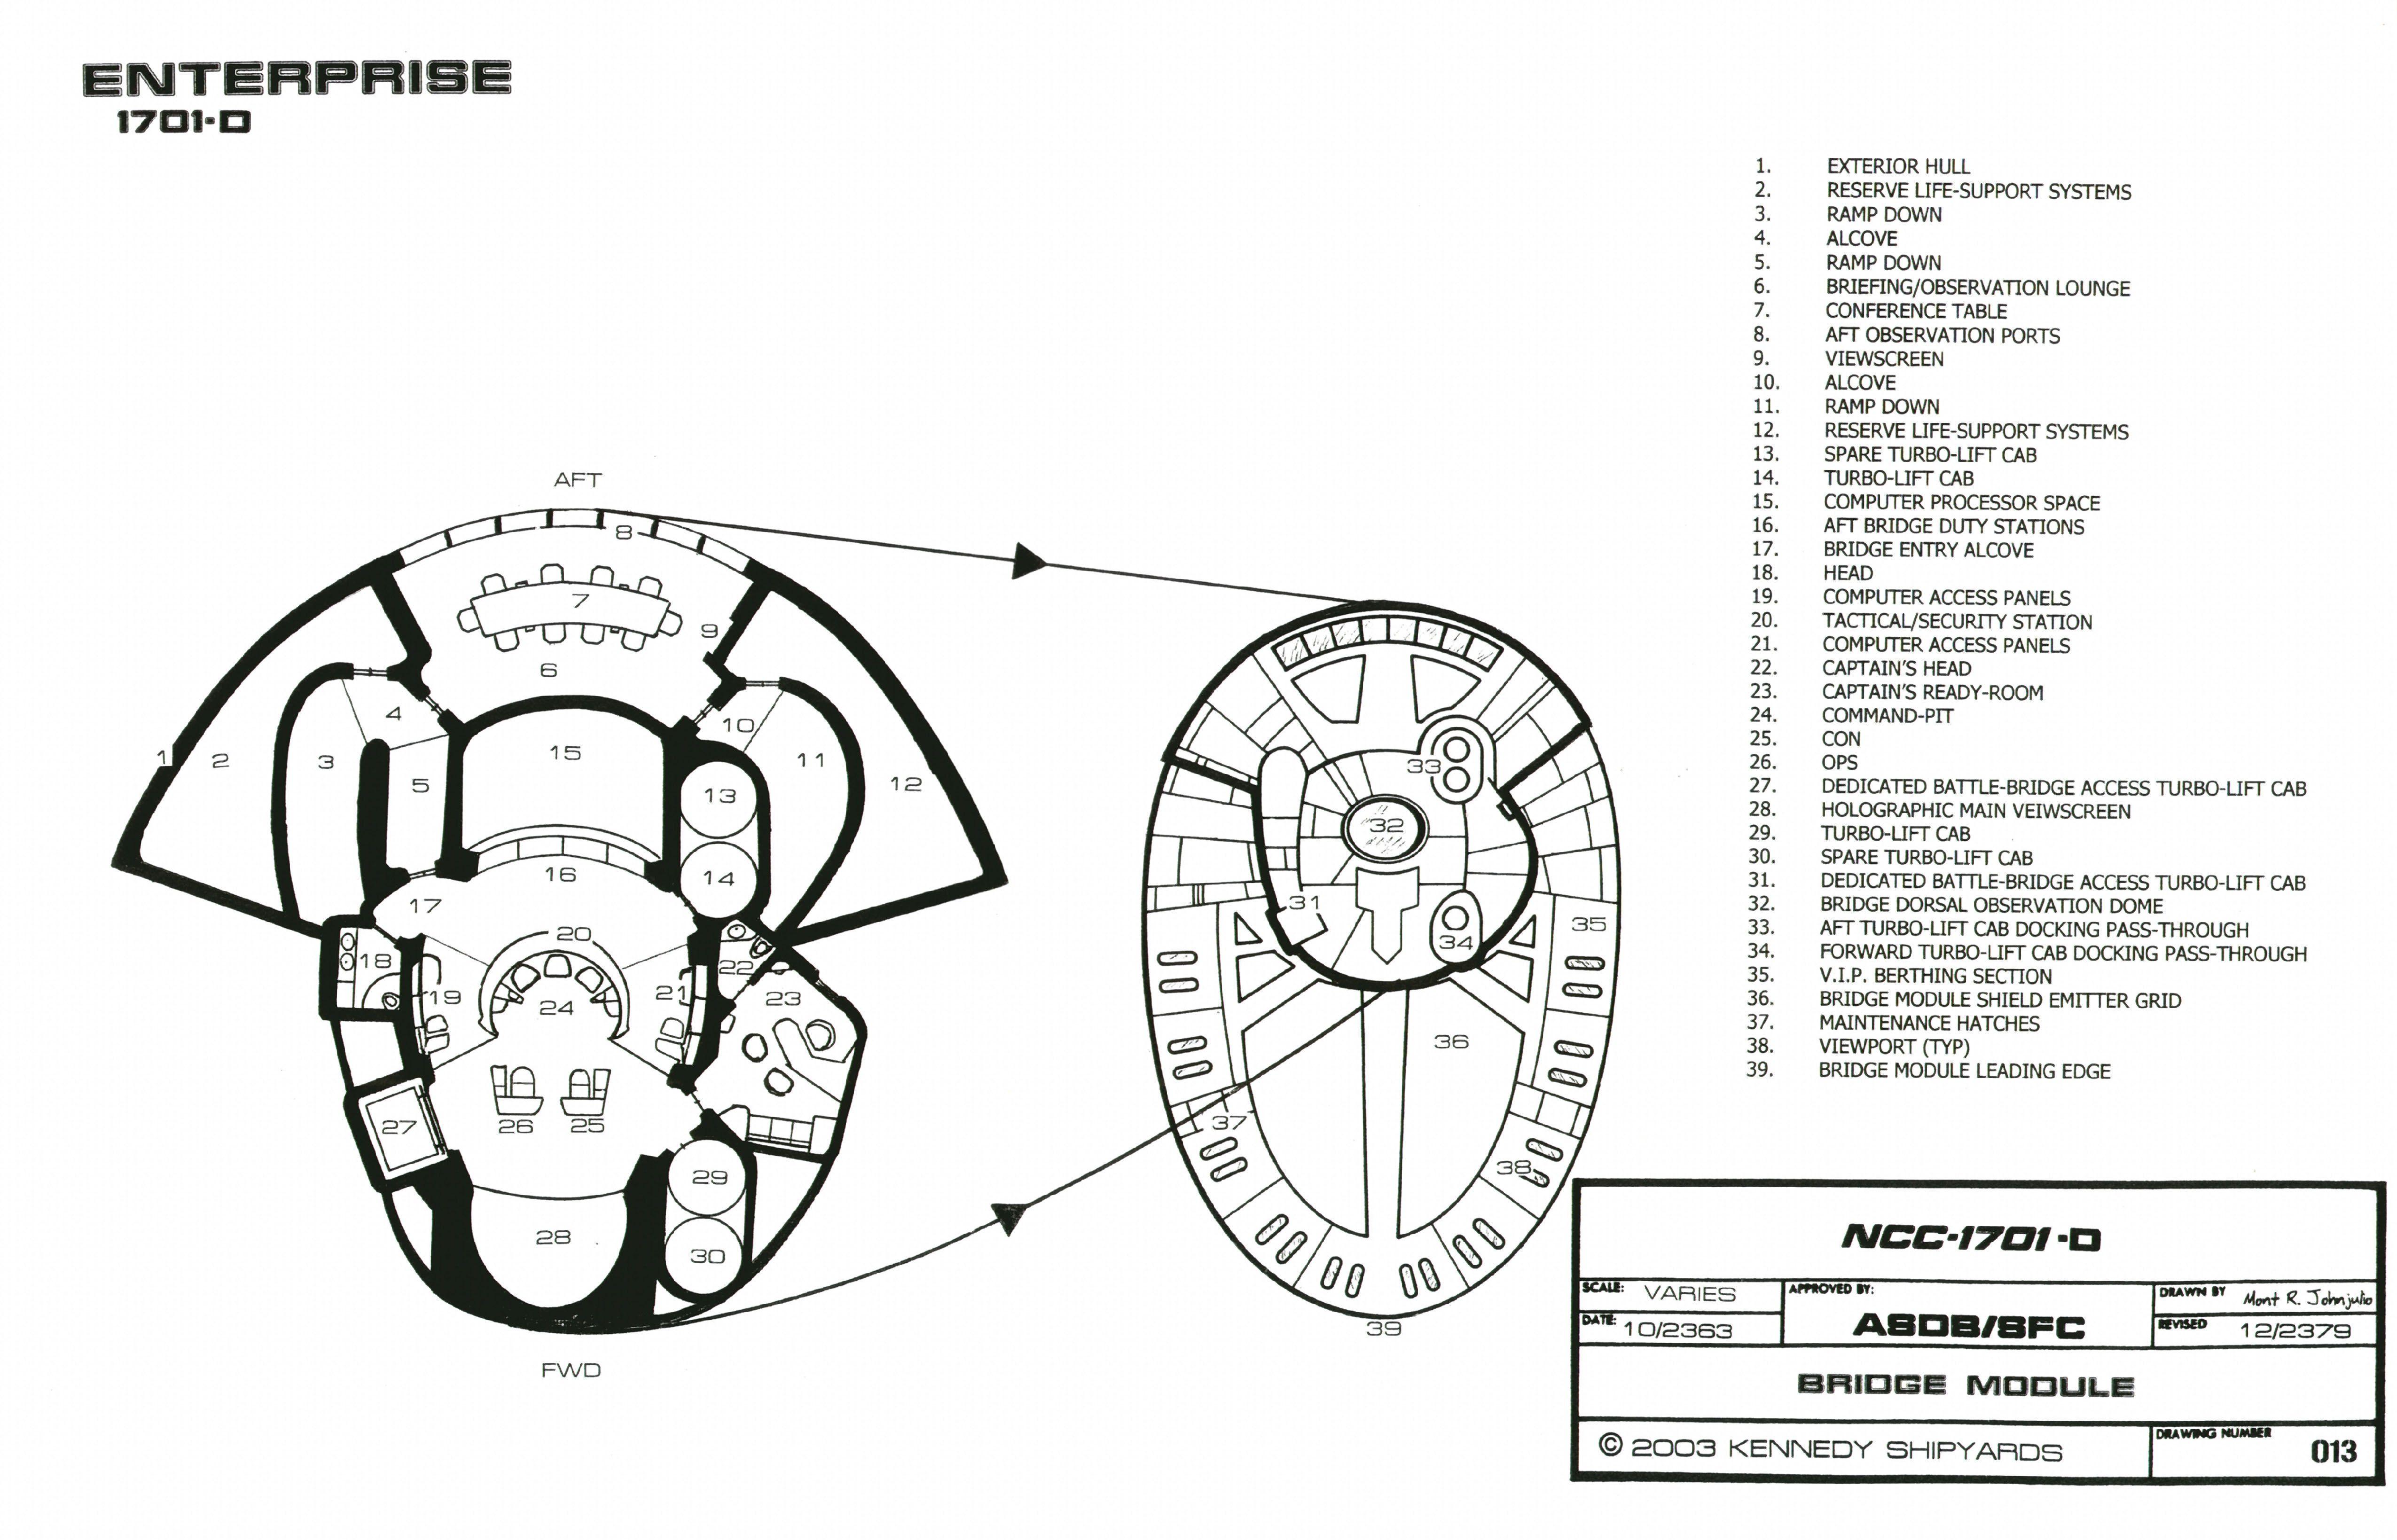 Uss enterprise ncc 1701 d galaxy class saucer separation r flickr - Schematic Of U S S Enterprise Ncc 1701 D